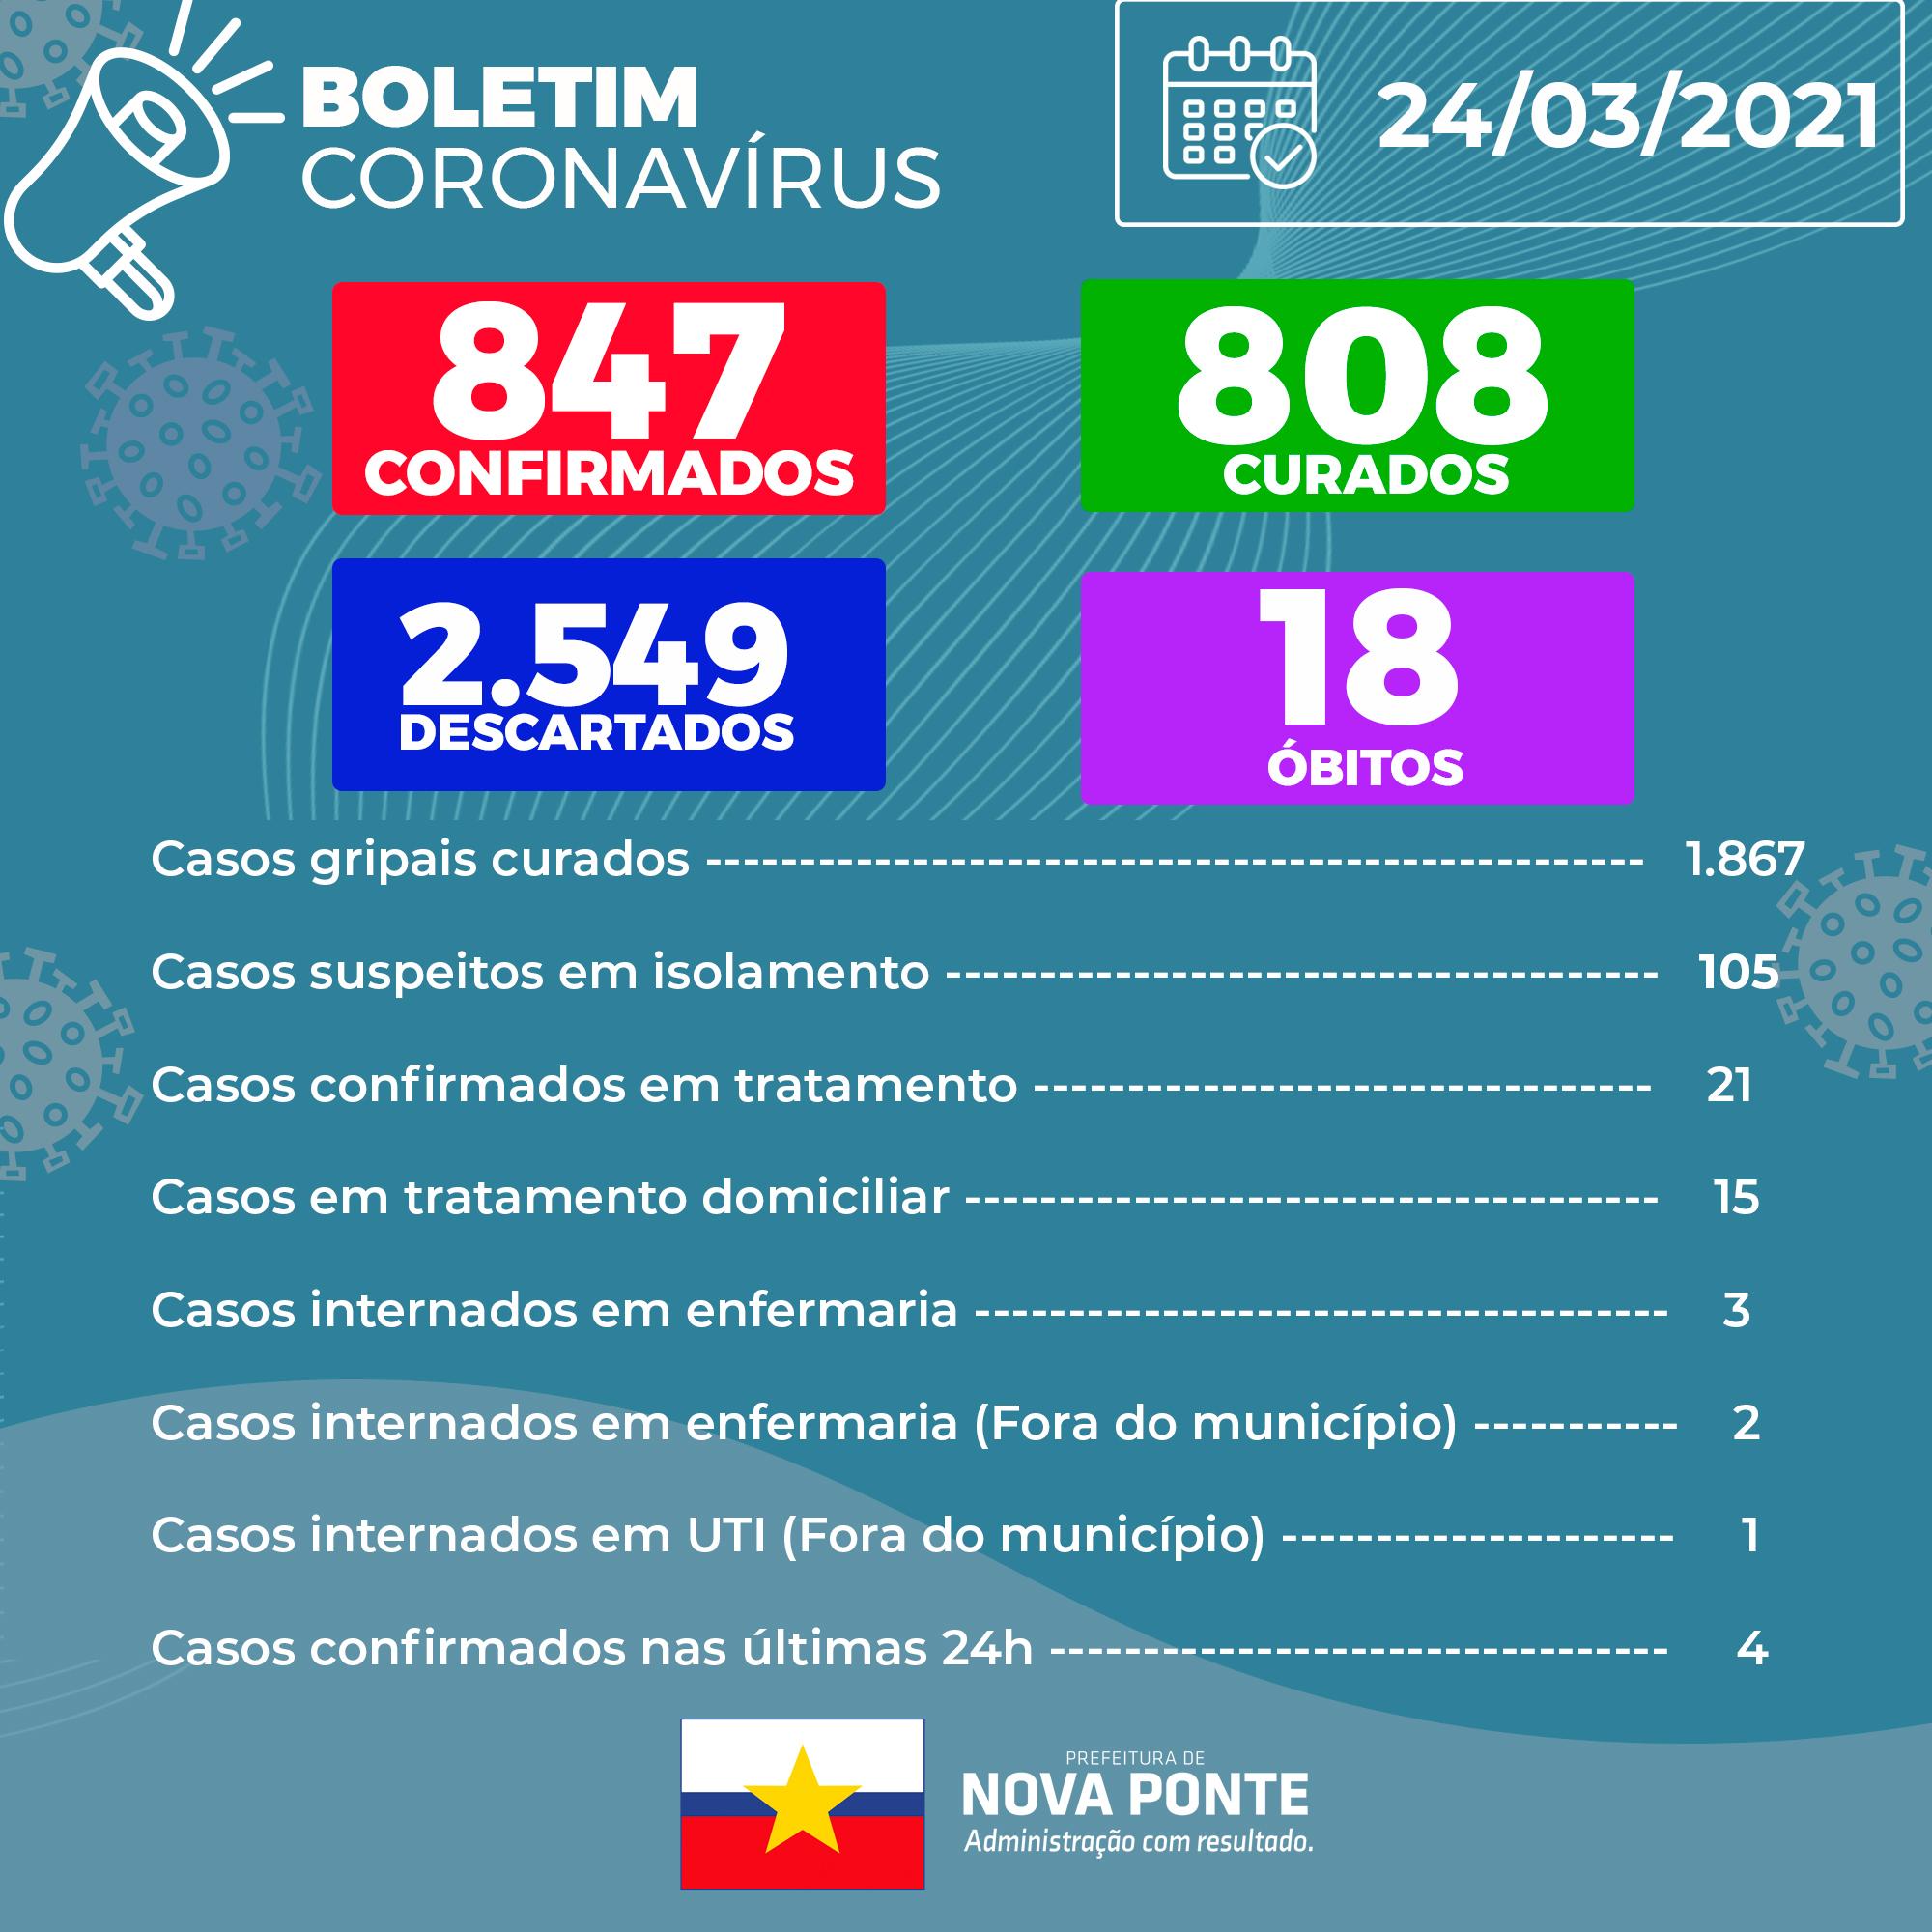 Boletim Coronavírus 24/03/2021